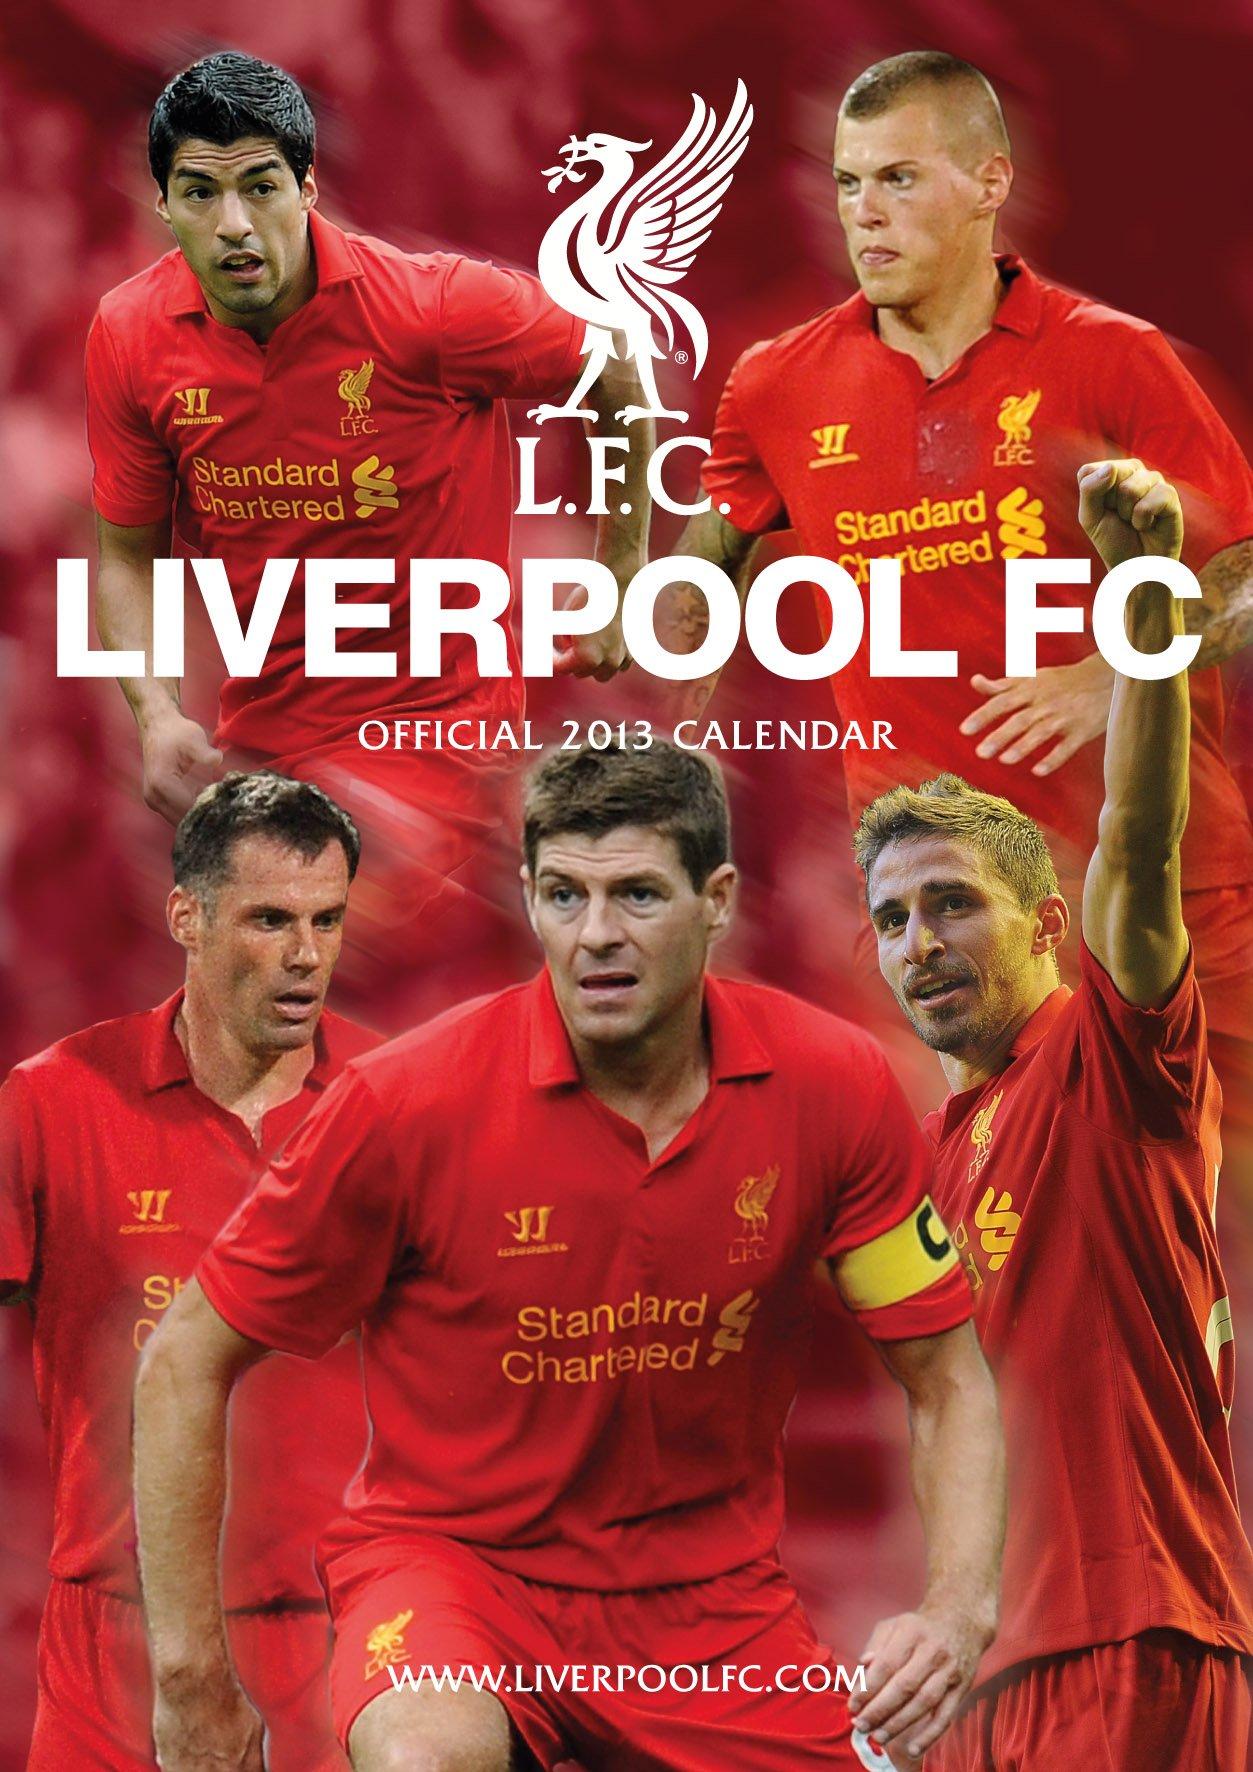 Official Liverpool FC 2013 Calendar (Calendar 2013)